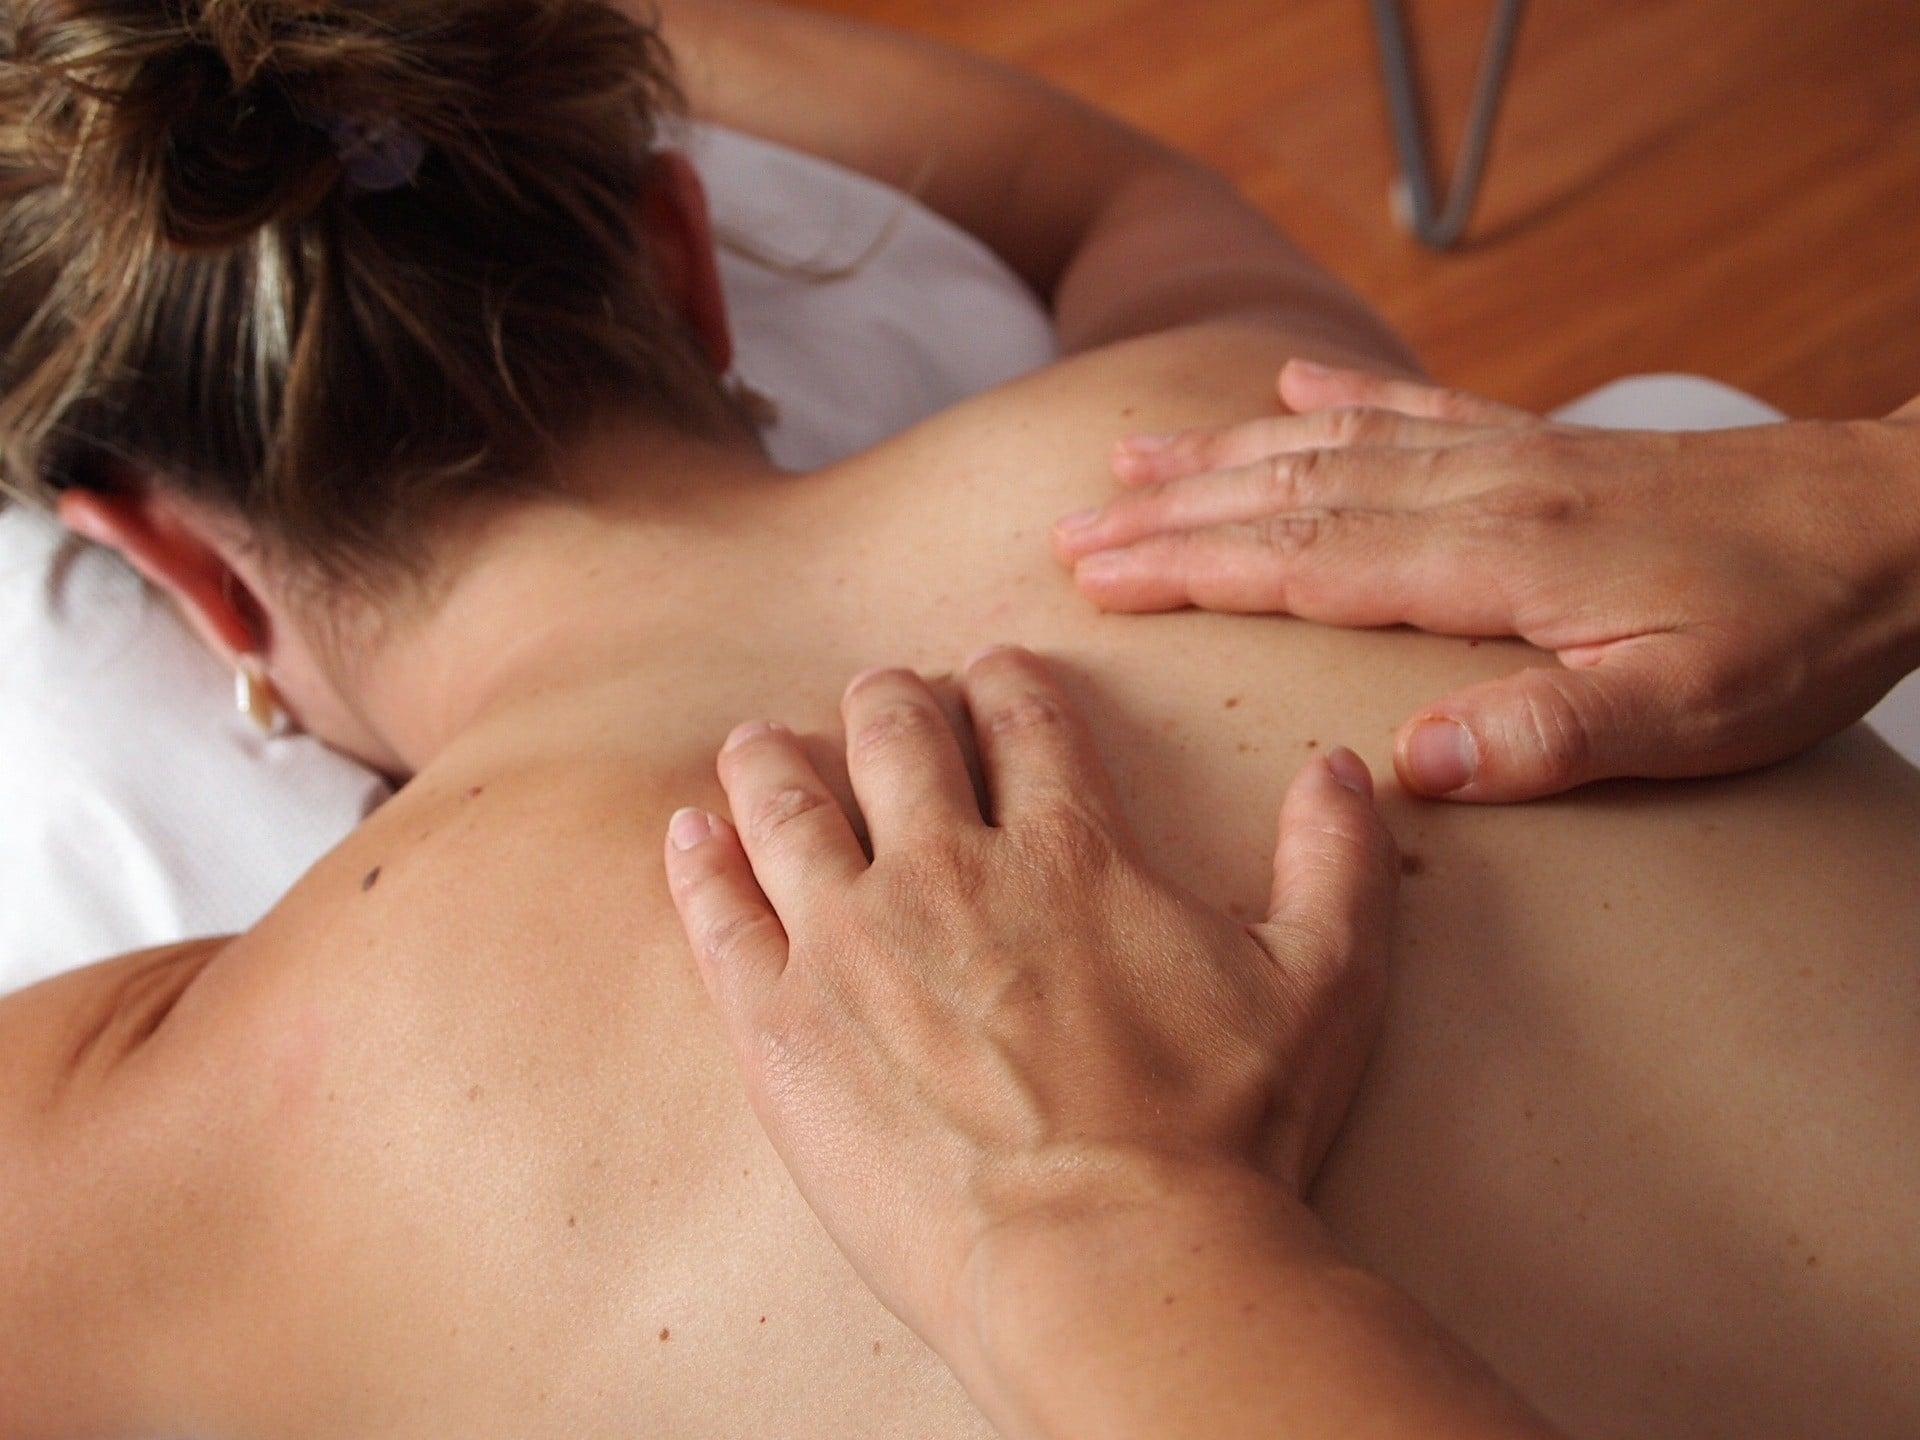 La physiothérapie pour soigner le mal de dos